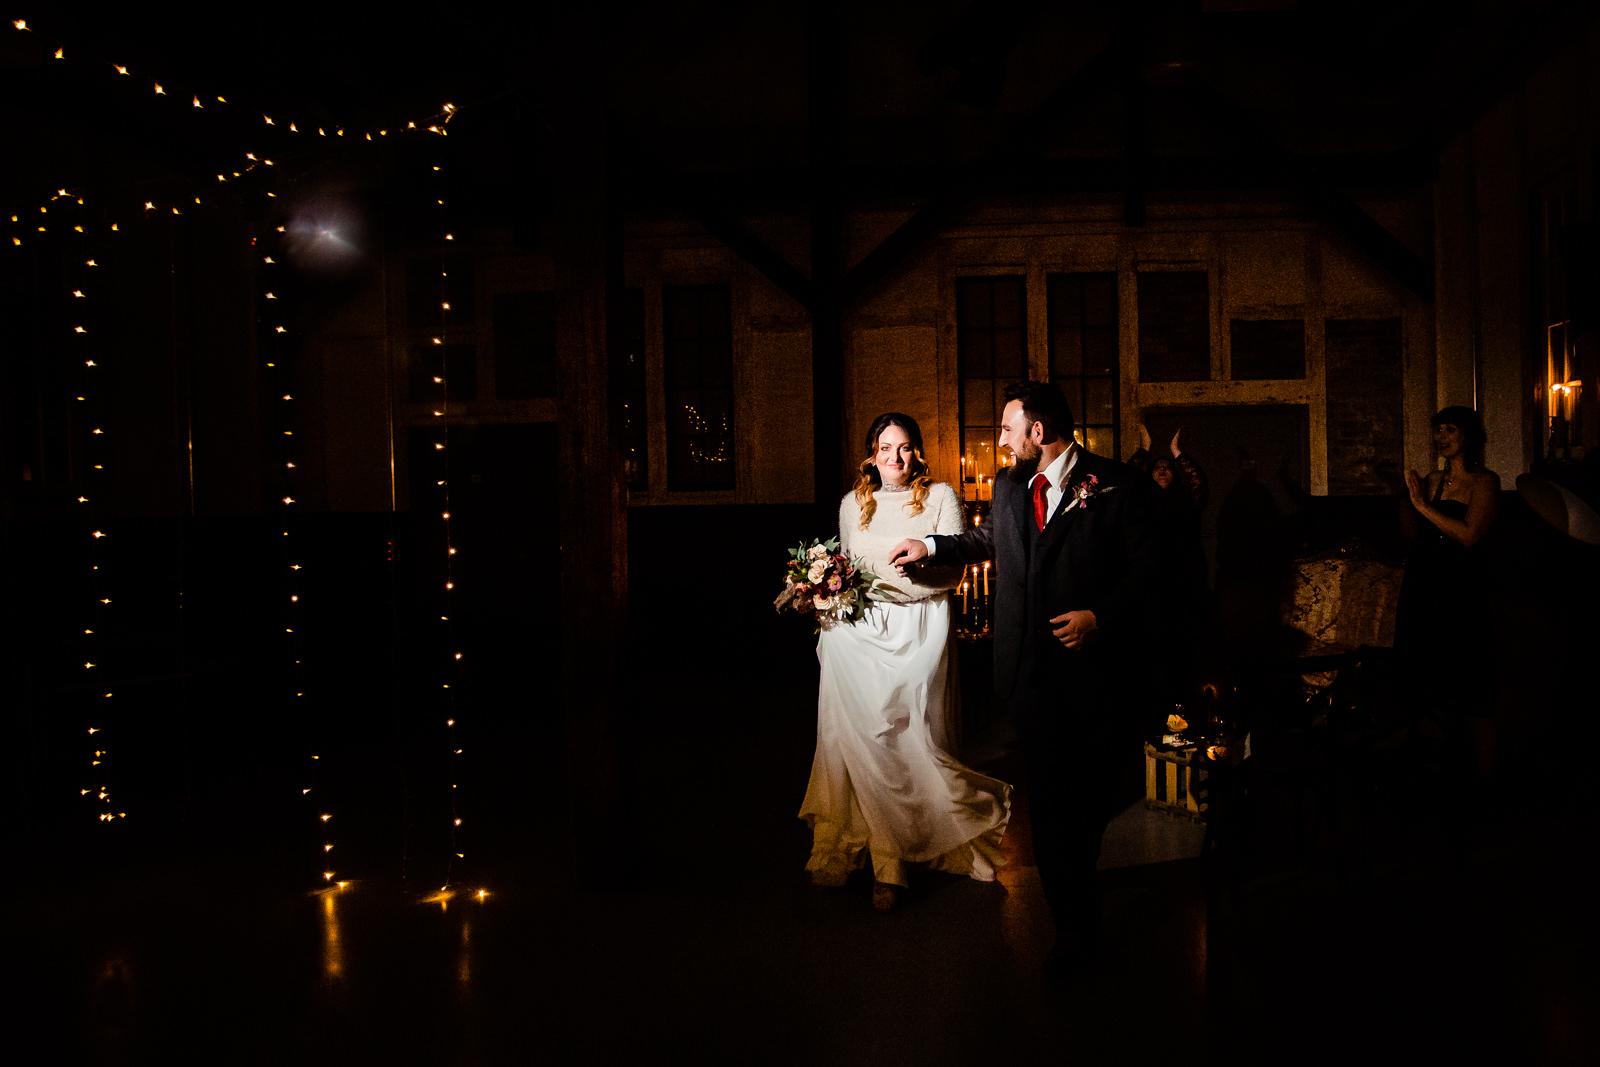 Auszug des Brautpaares bei einer freien Trauung von der Trautante Friederike Delong bei einer Hochzeit im Kulturbahnhof Idstein mit Goldrausch Melanie Nöhles fotografiert von Hochzeitsfotograf Steven Herrschaft aus Wiesbaden